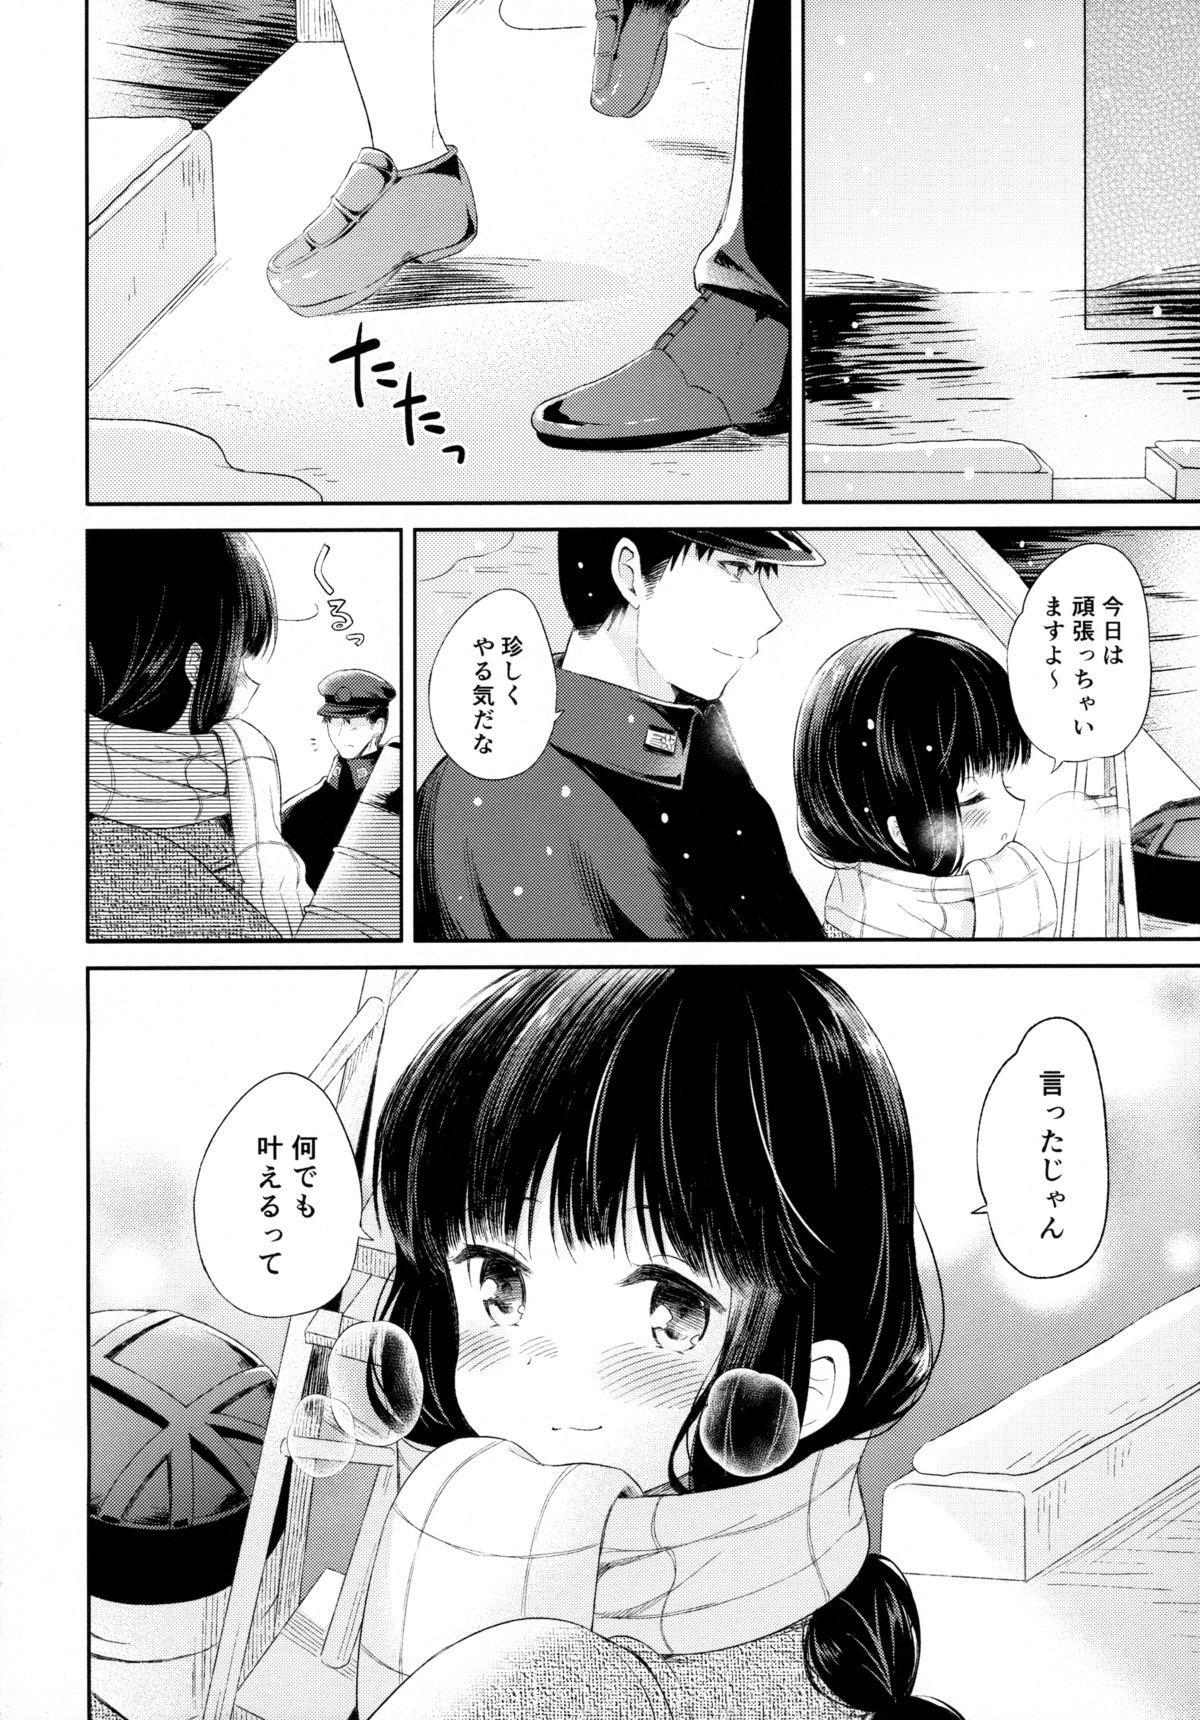 Kitakami-san to Teitoku ga Zutto Issho ni Kurasu Ohanashi. 28